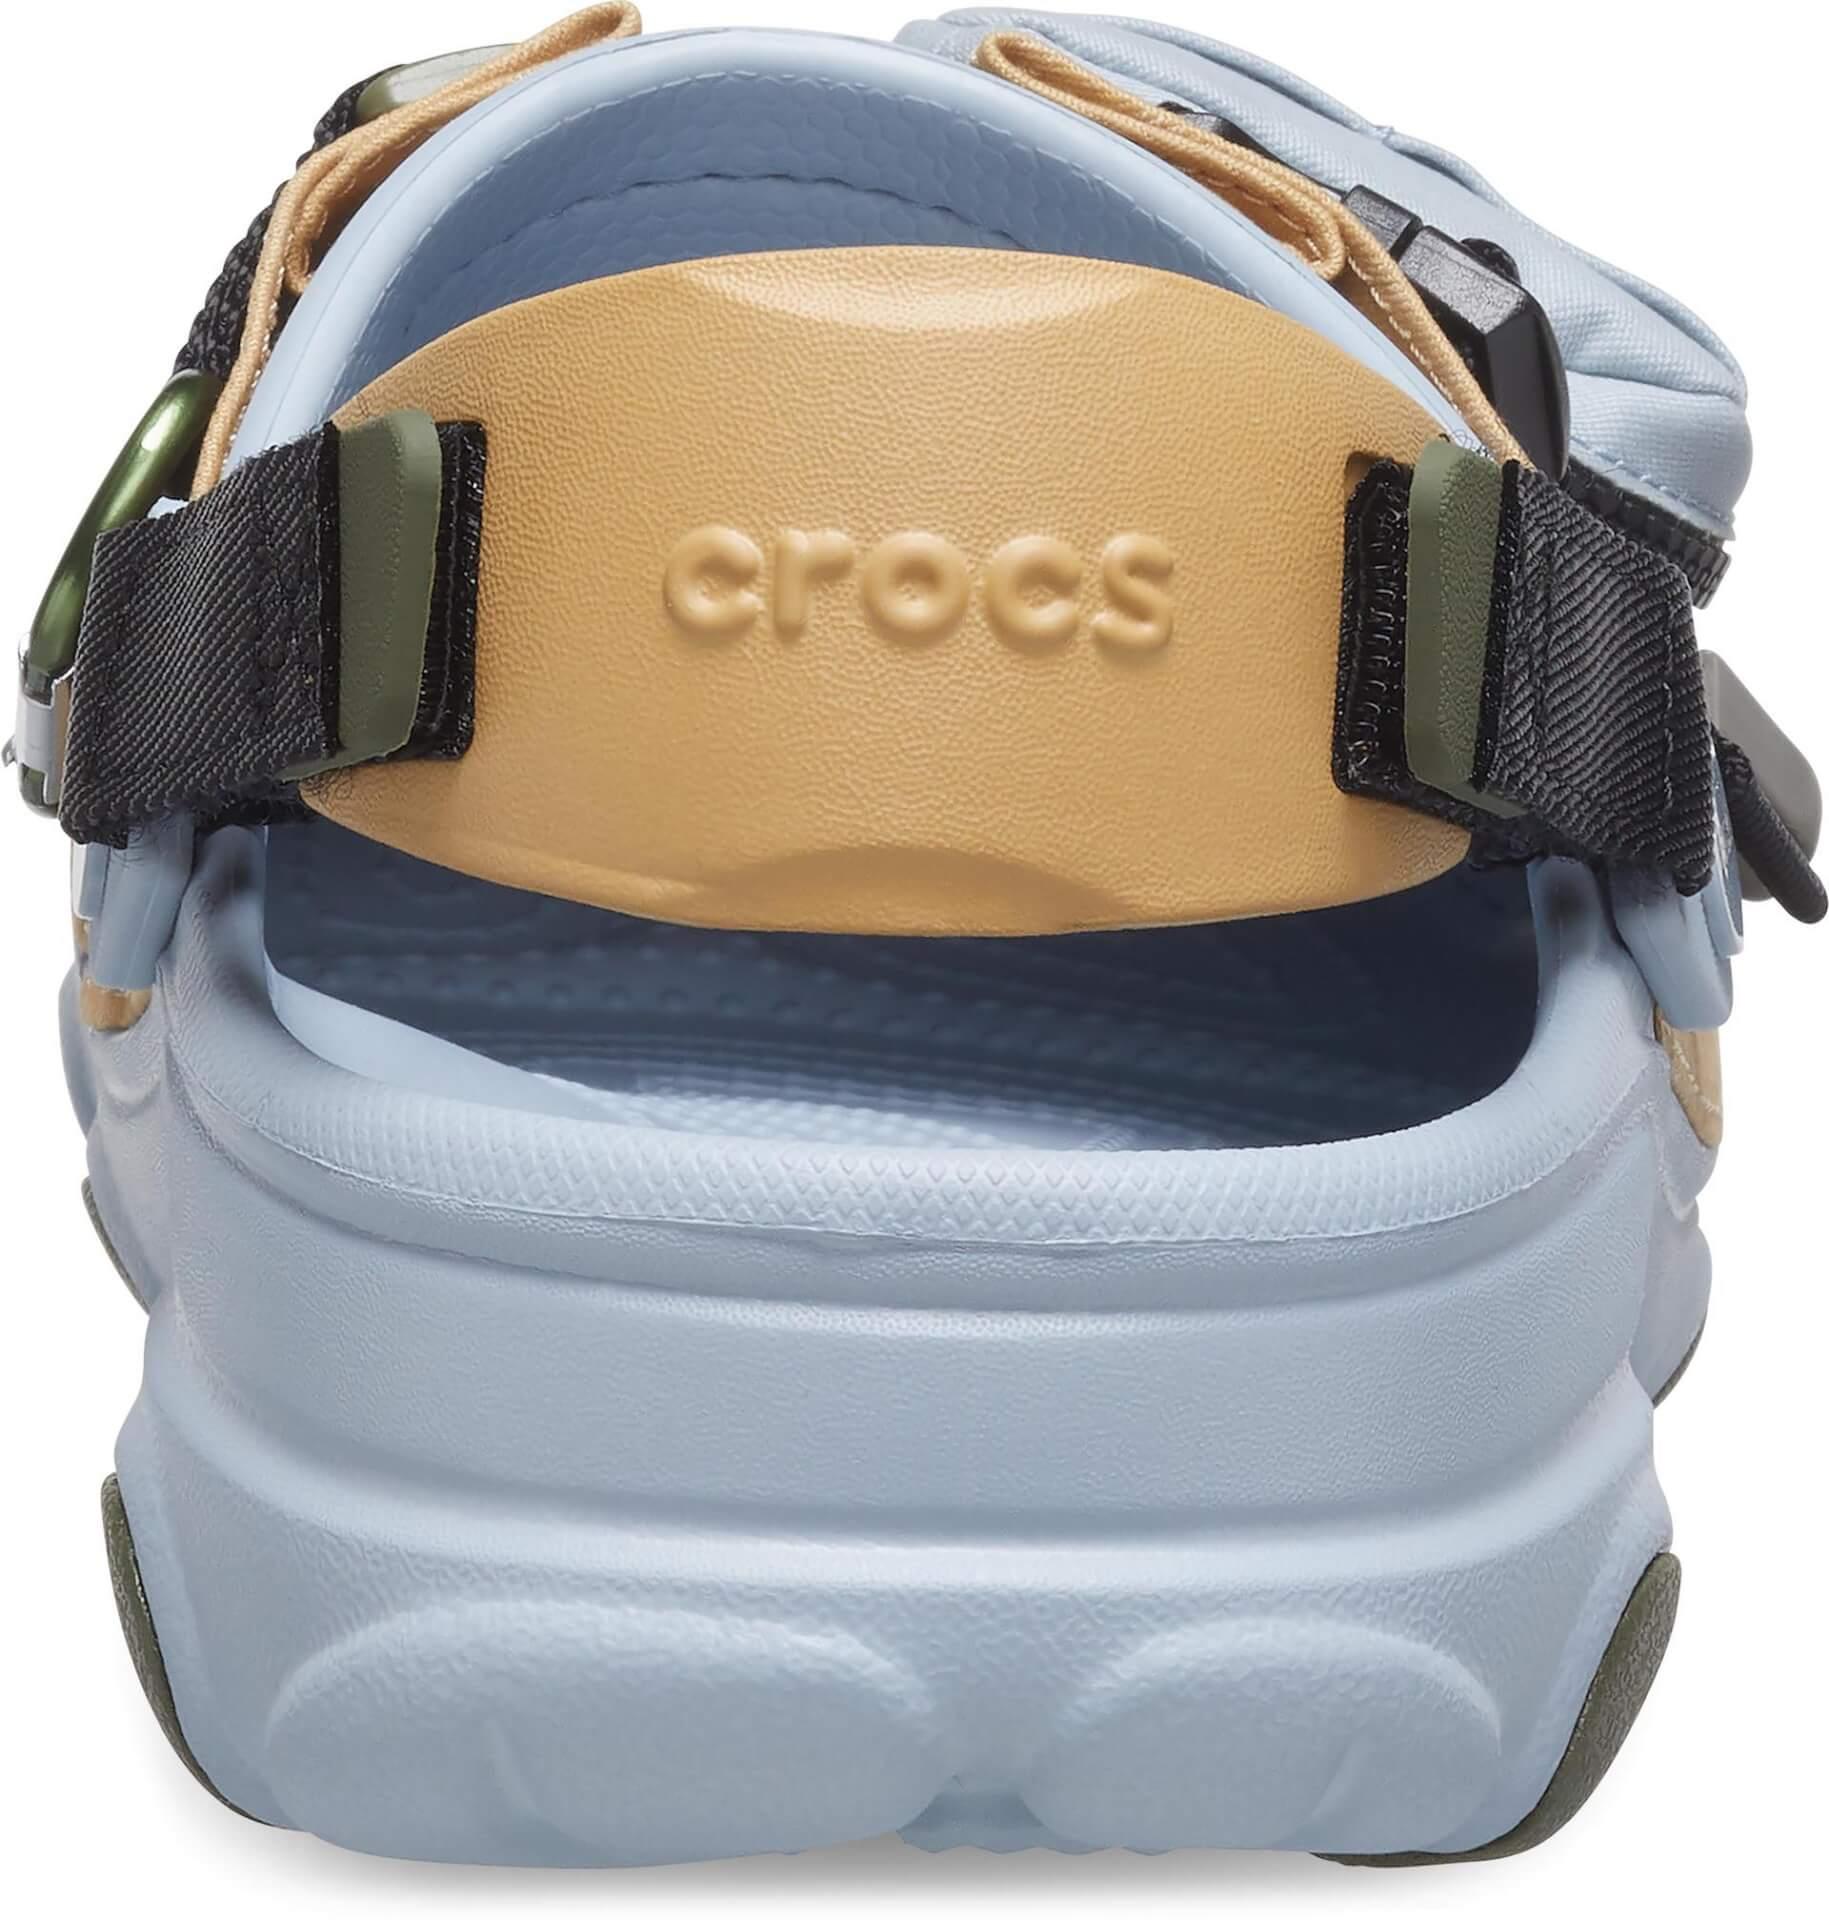 即完売で話題のCrocsとBEAMSのコラボ第4弾が実現!モデルにDaichi Yamamotoを起用 life210609_crocs_beams_1